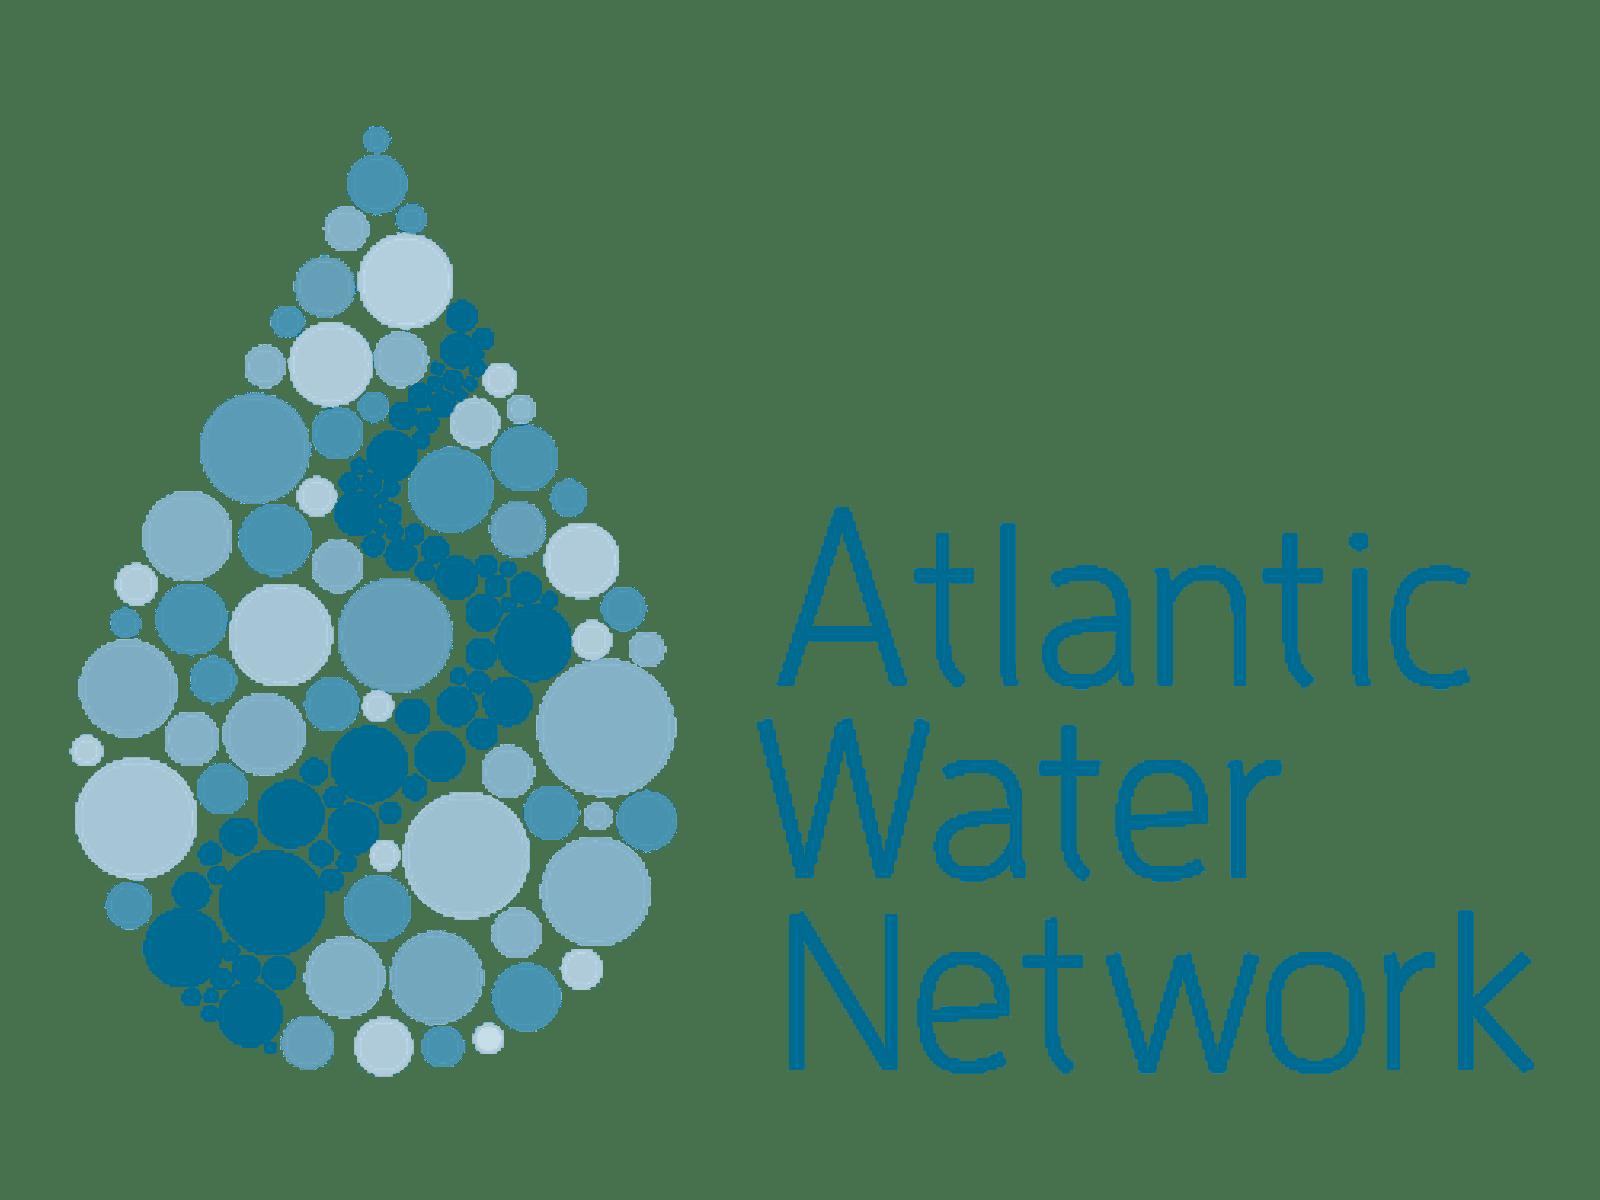 Atlantic Water Network Logo